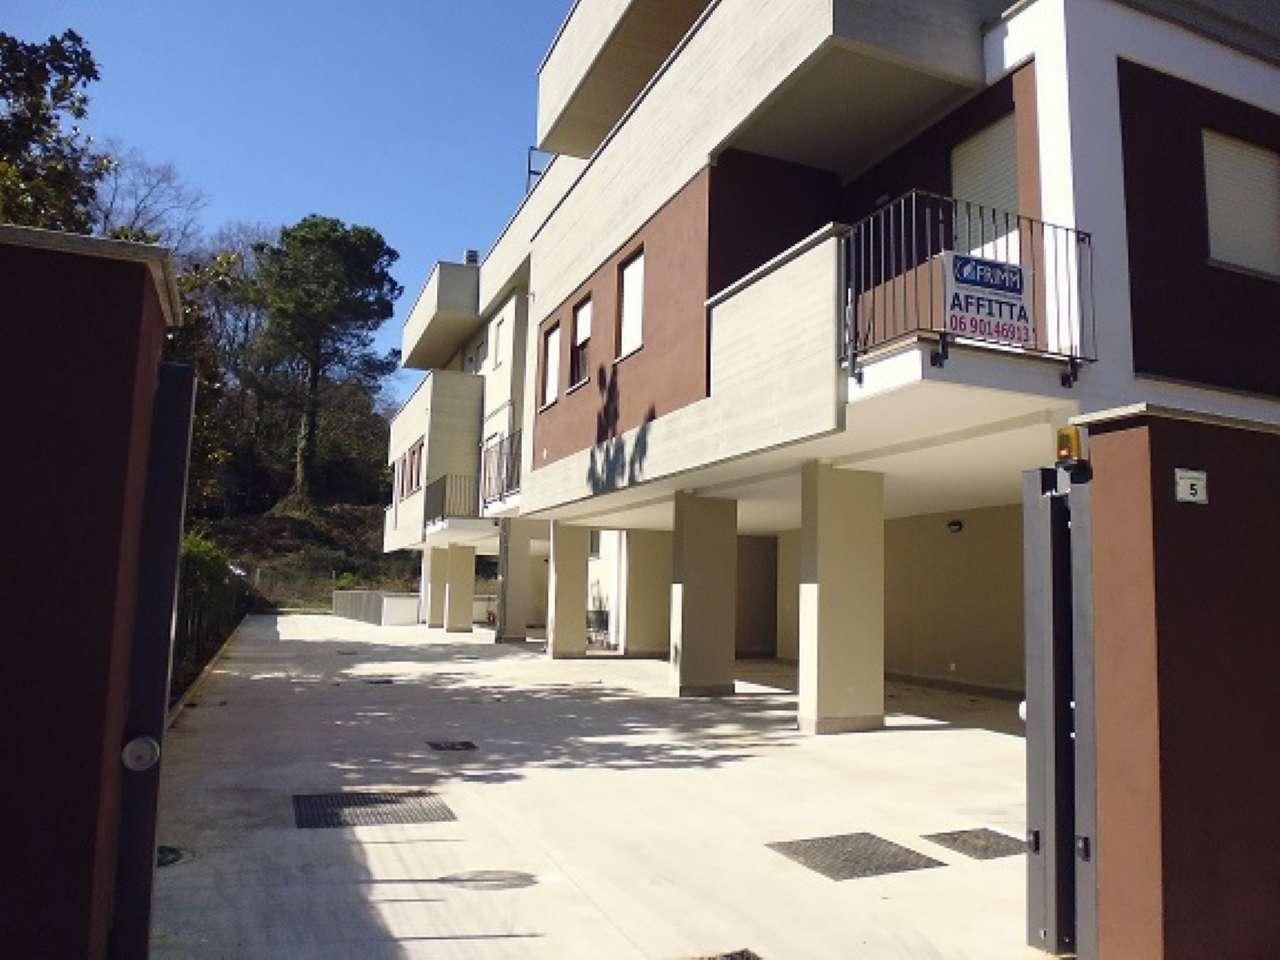 Attico / Mansarda in affitto a Formello, 9999 locali, prezzo € 1.000 | Cambio Casa.it